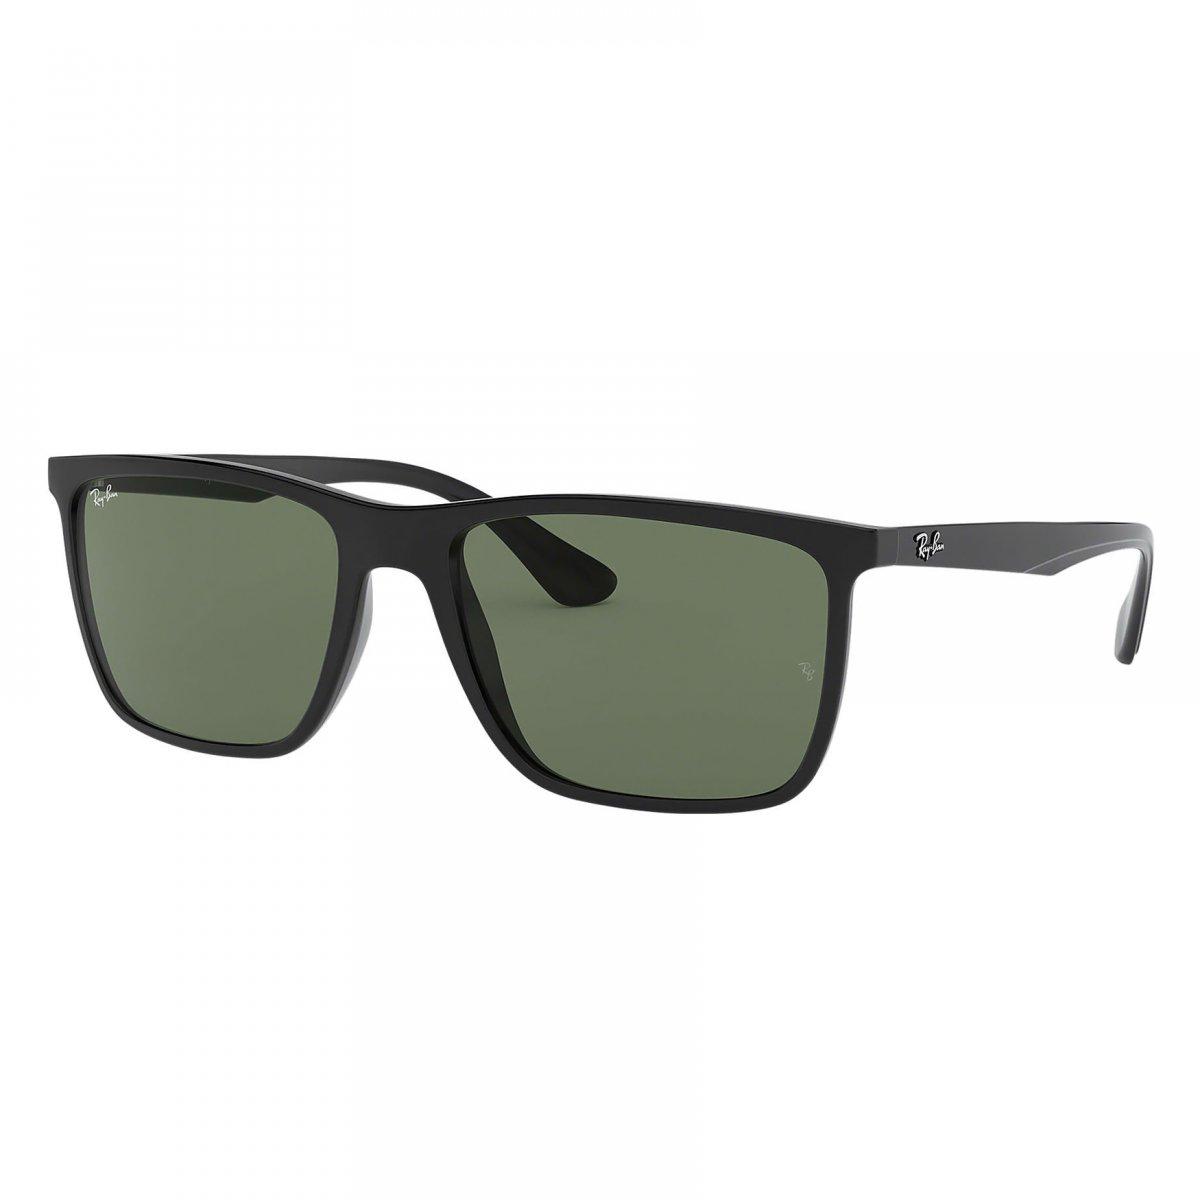 bacf76a8f Óculos de Sol Feminino Ray Ban | Óculos de Sol Ray Ban RB4288L-601/71 57